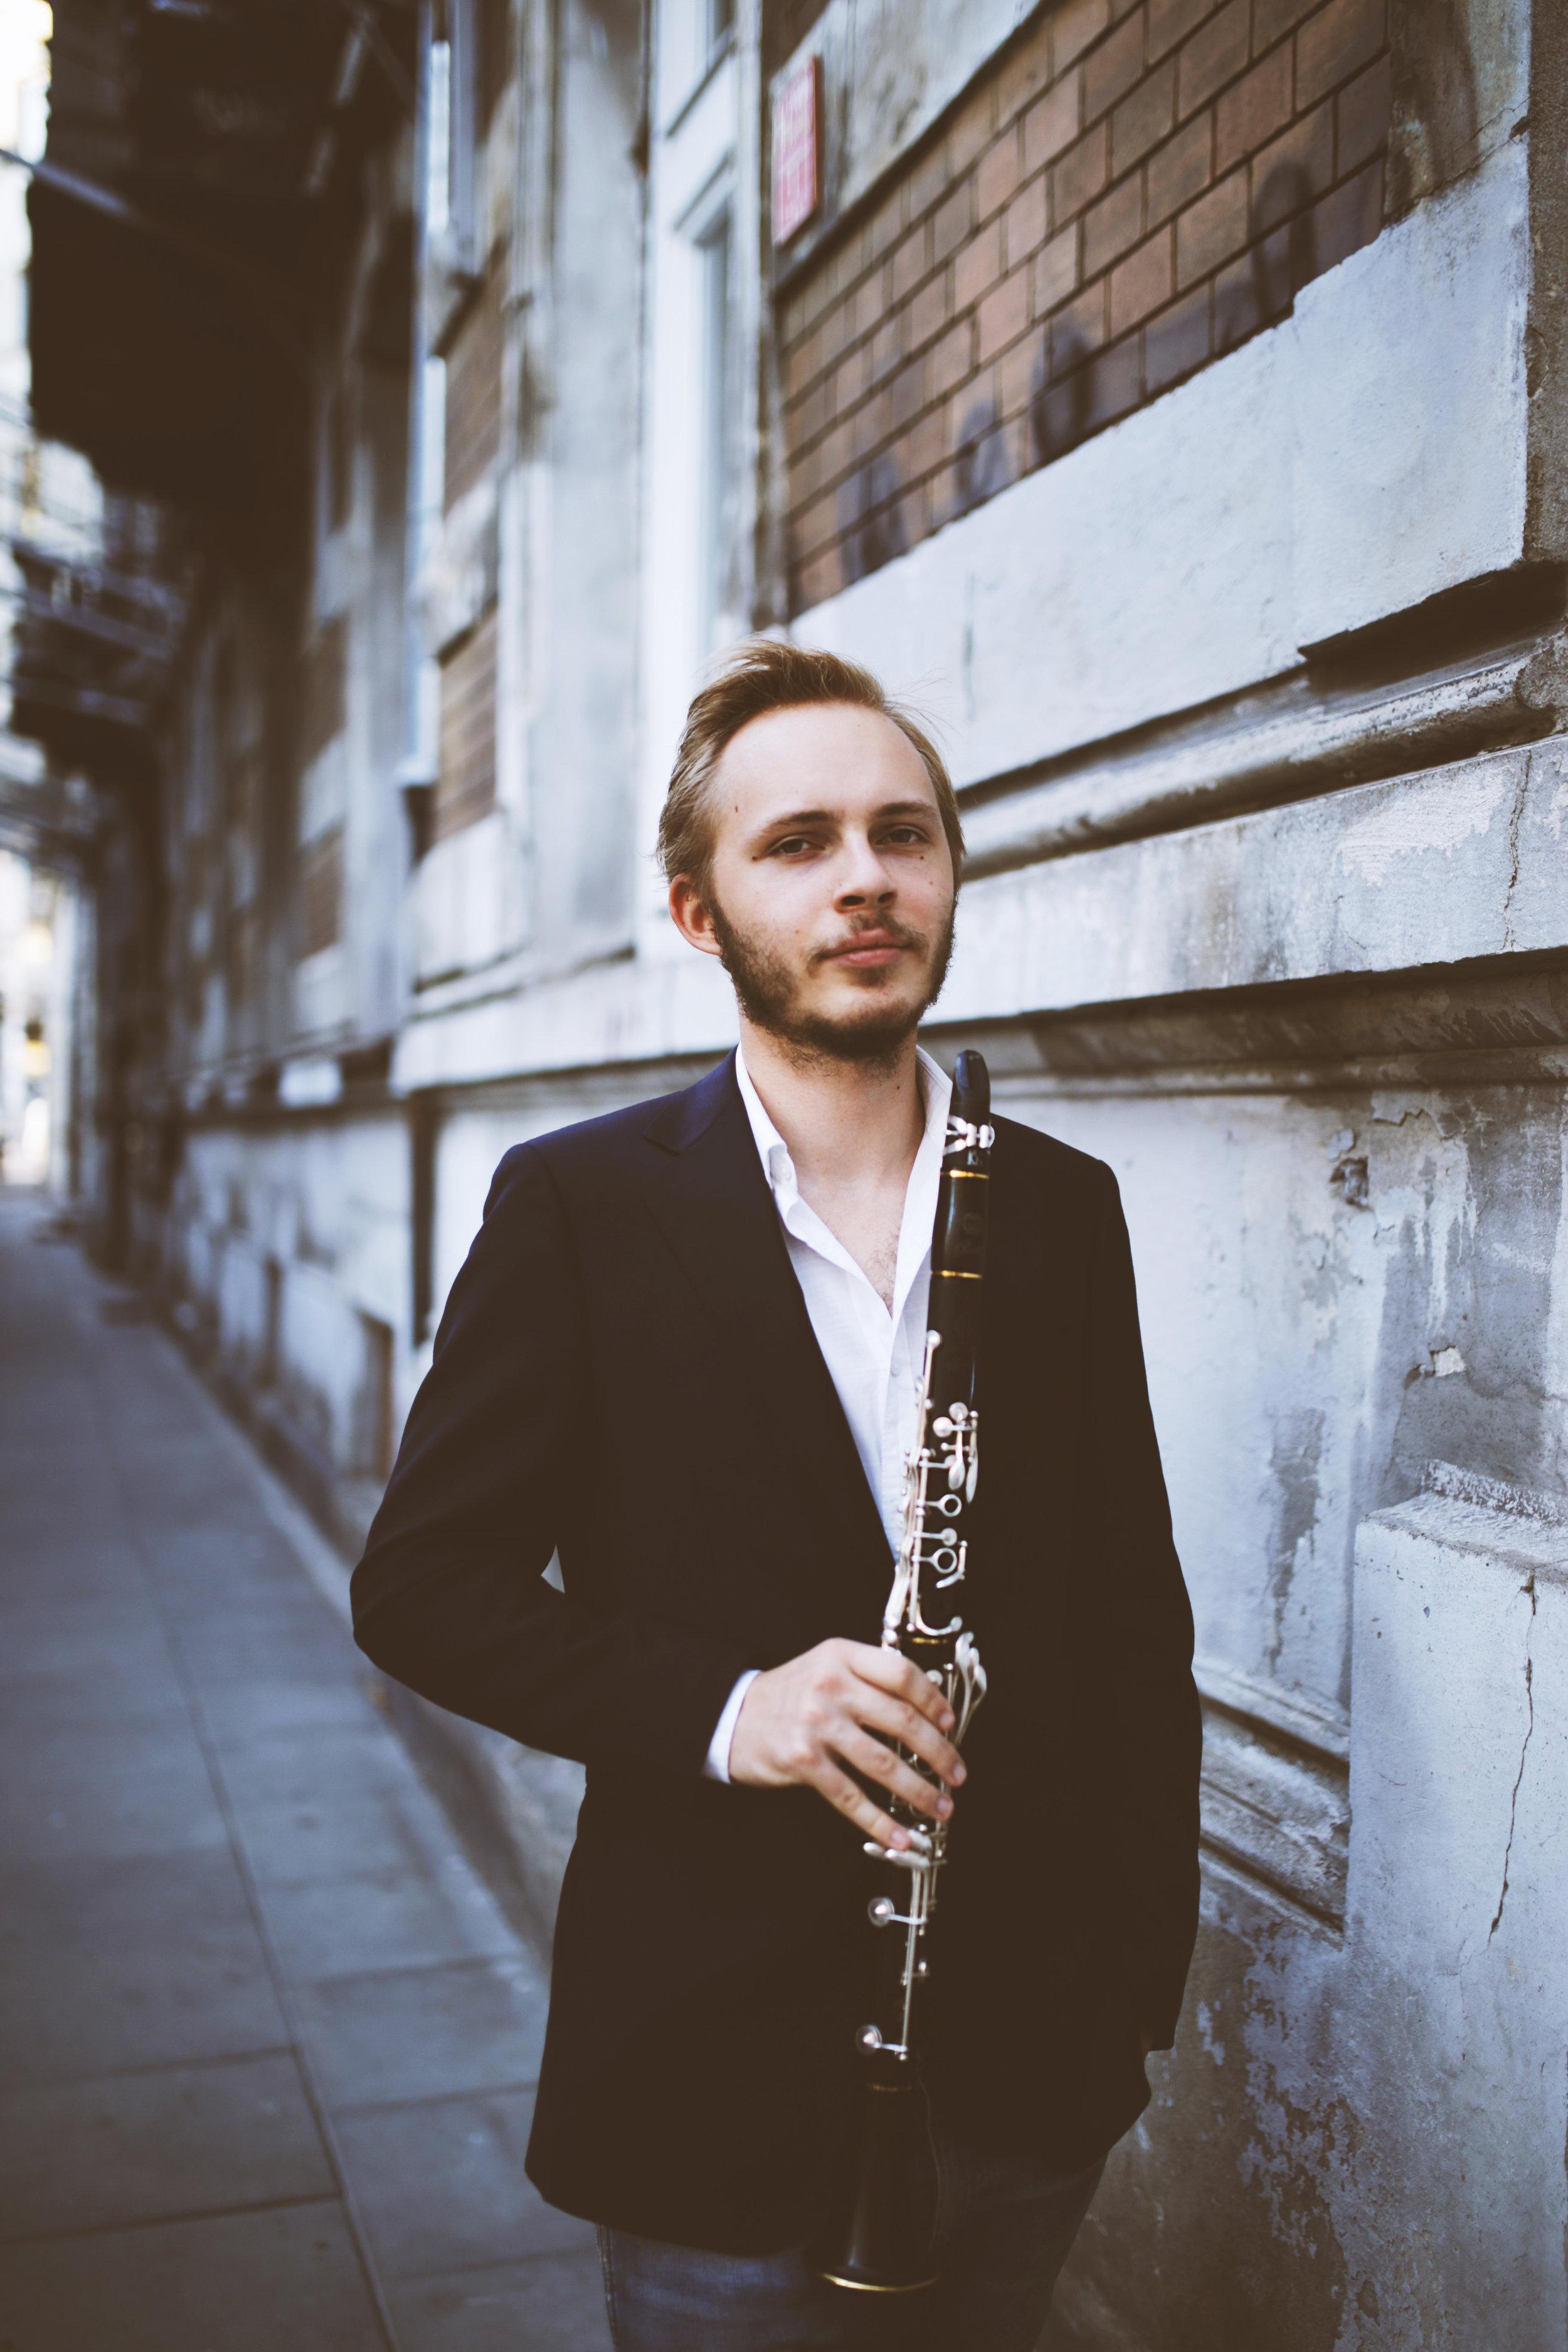 Ignacy Siarkowski - Clarinetist